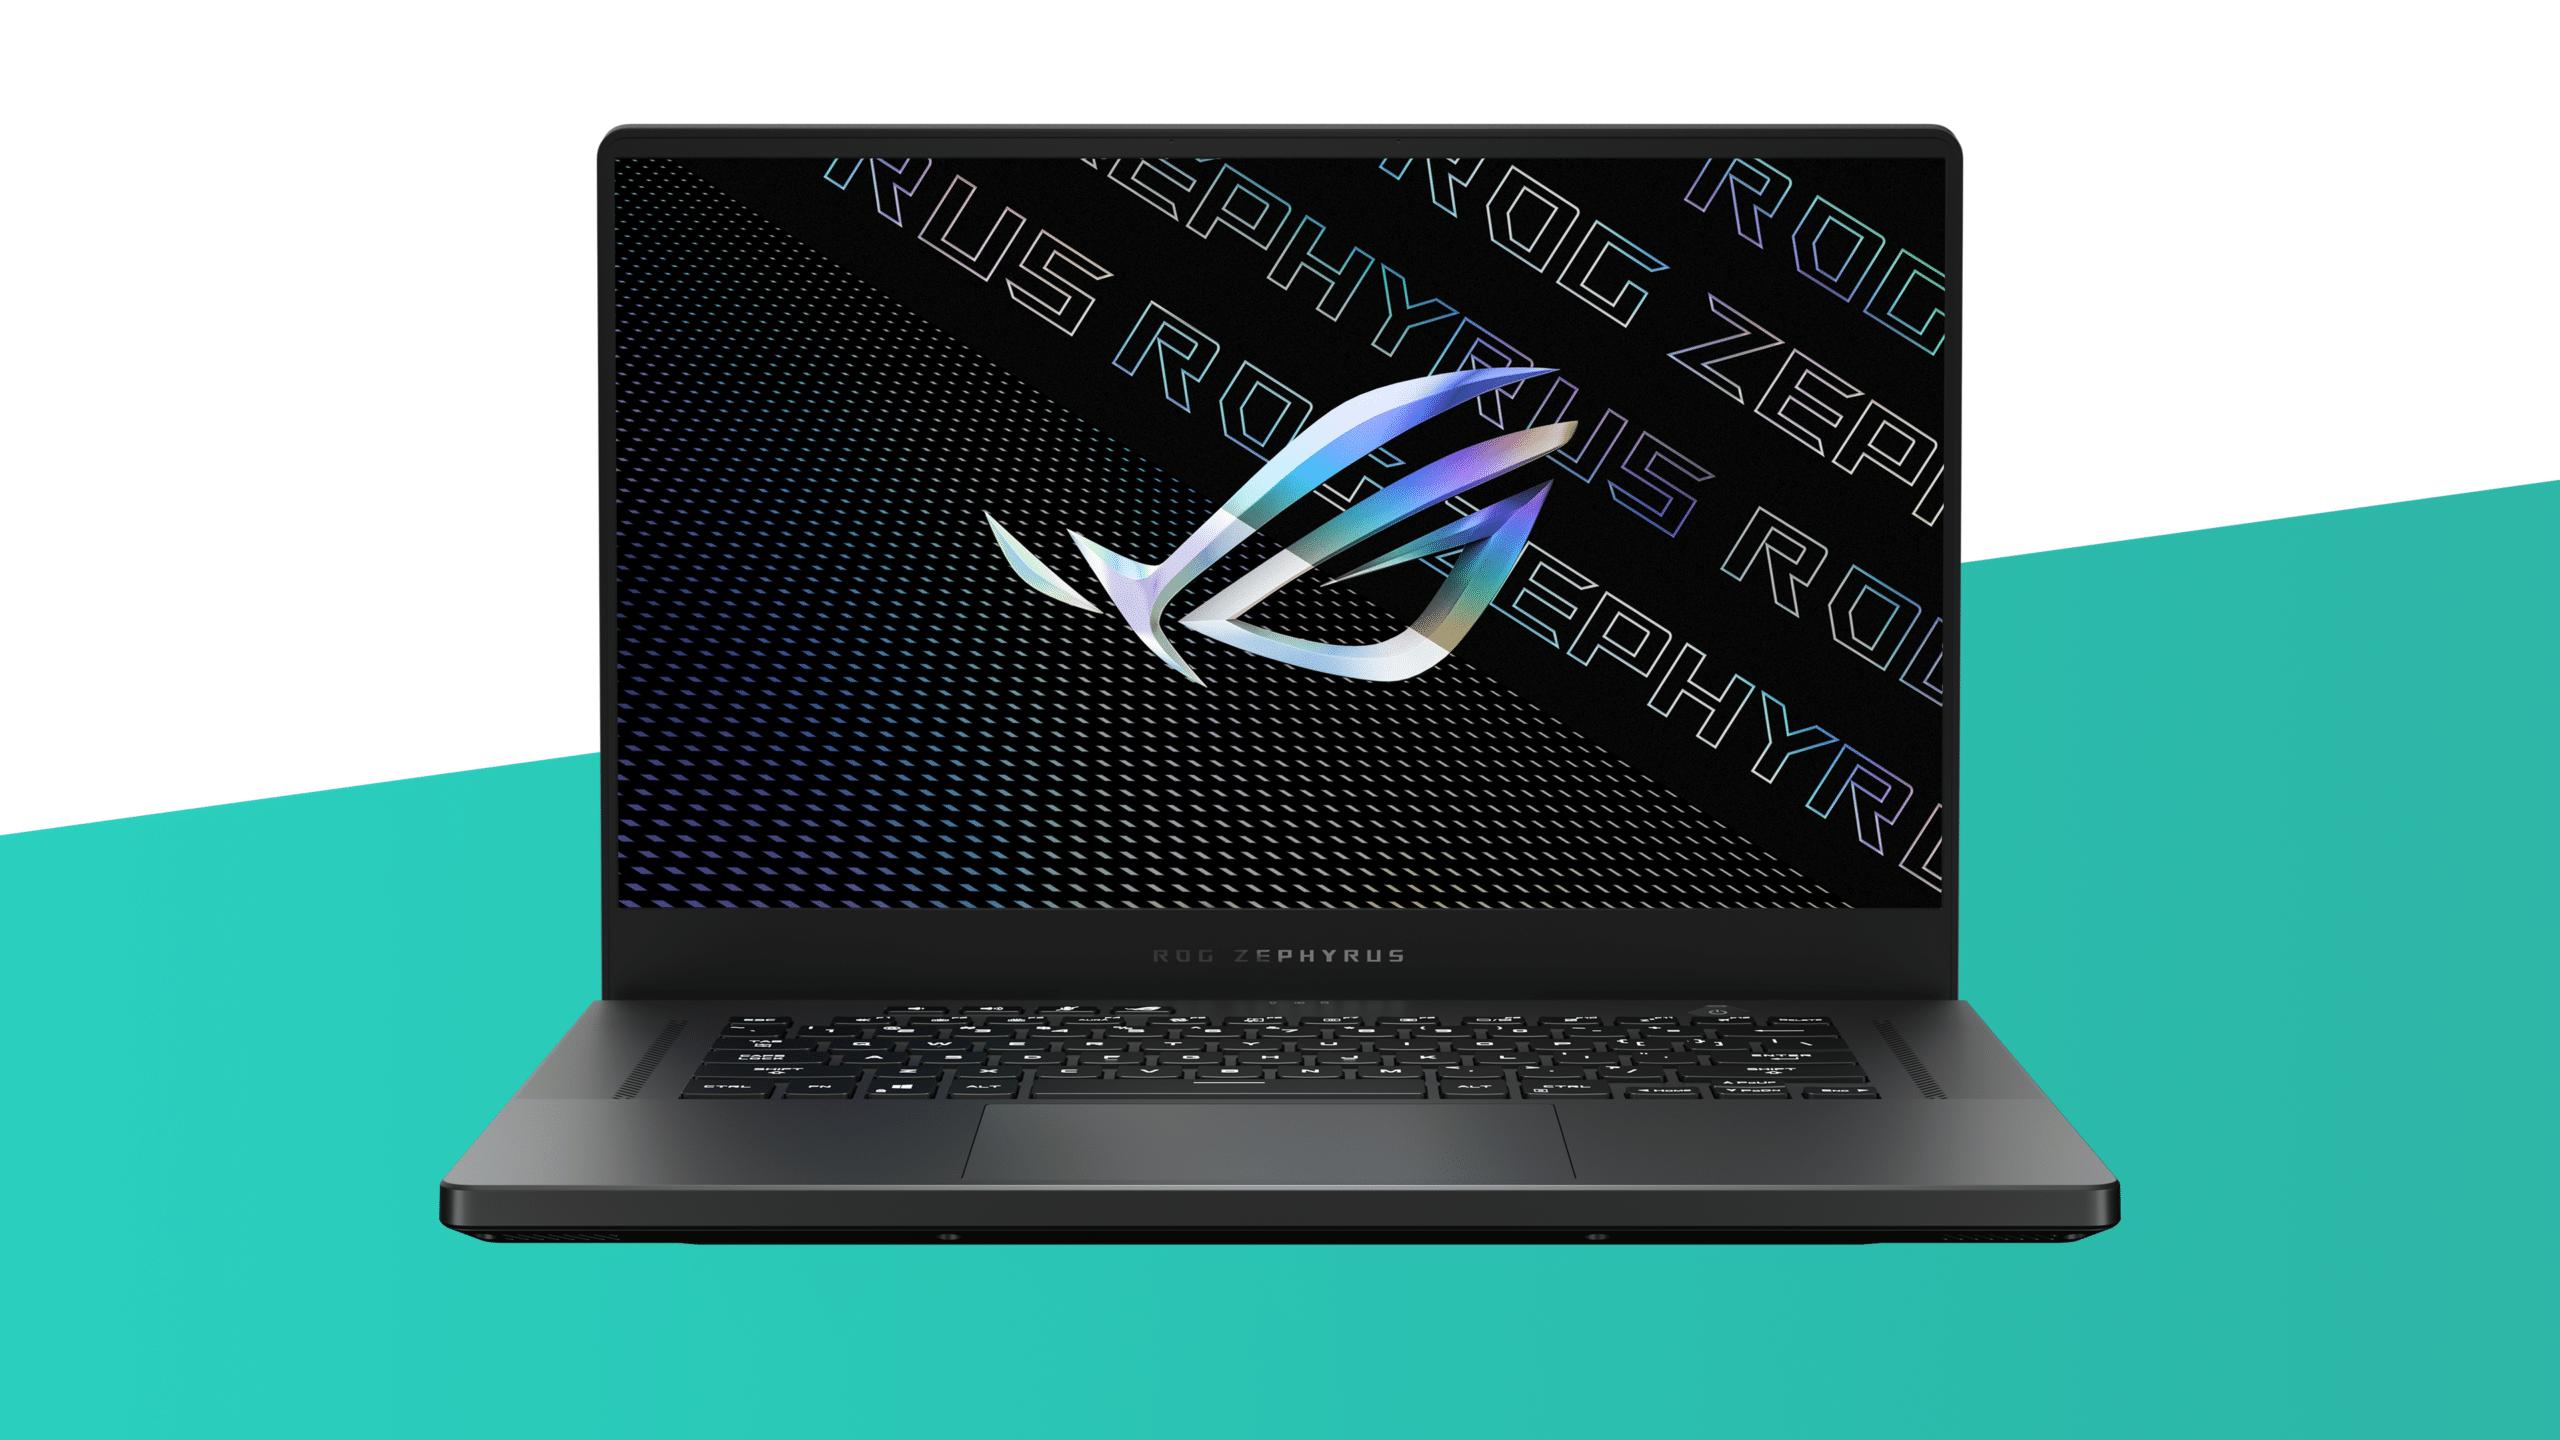 Vooraanzicht van de ROG Zephyrus G15 laptop.